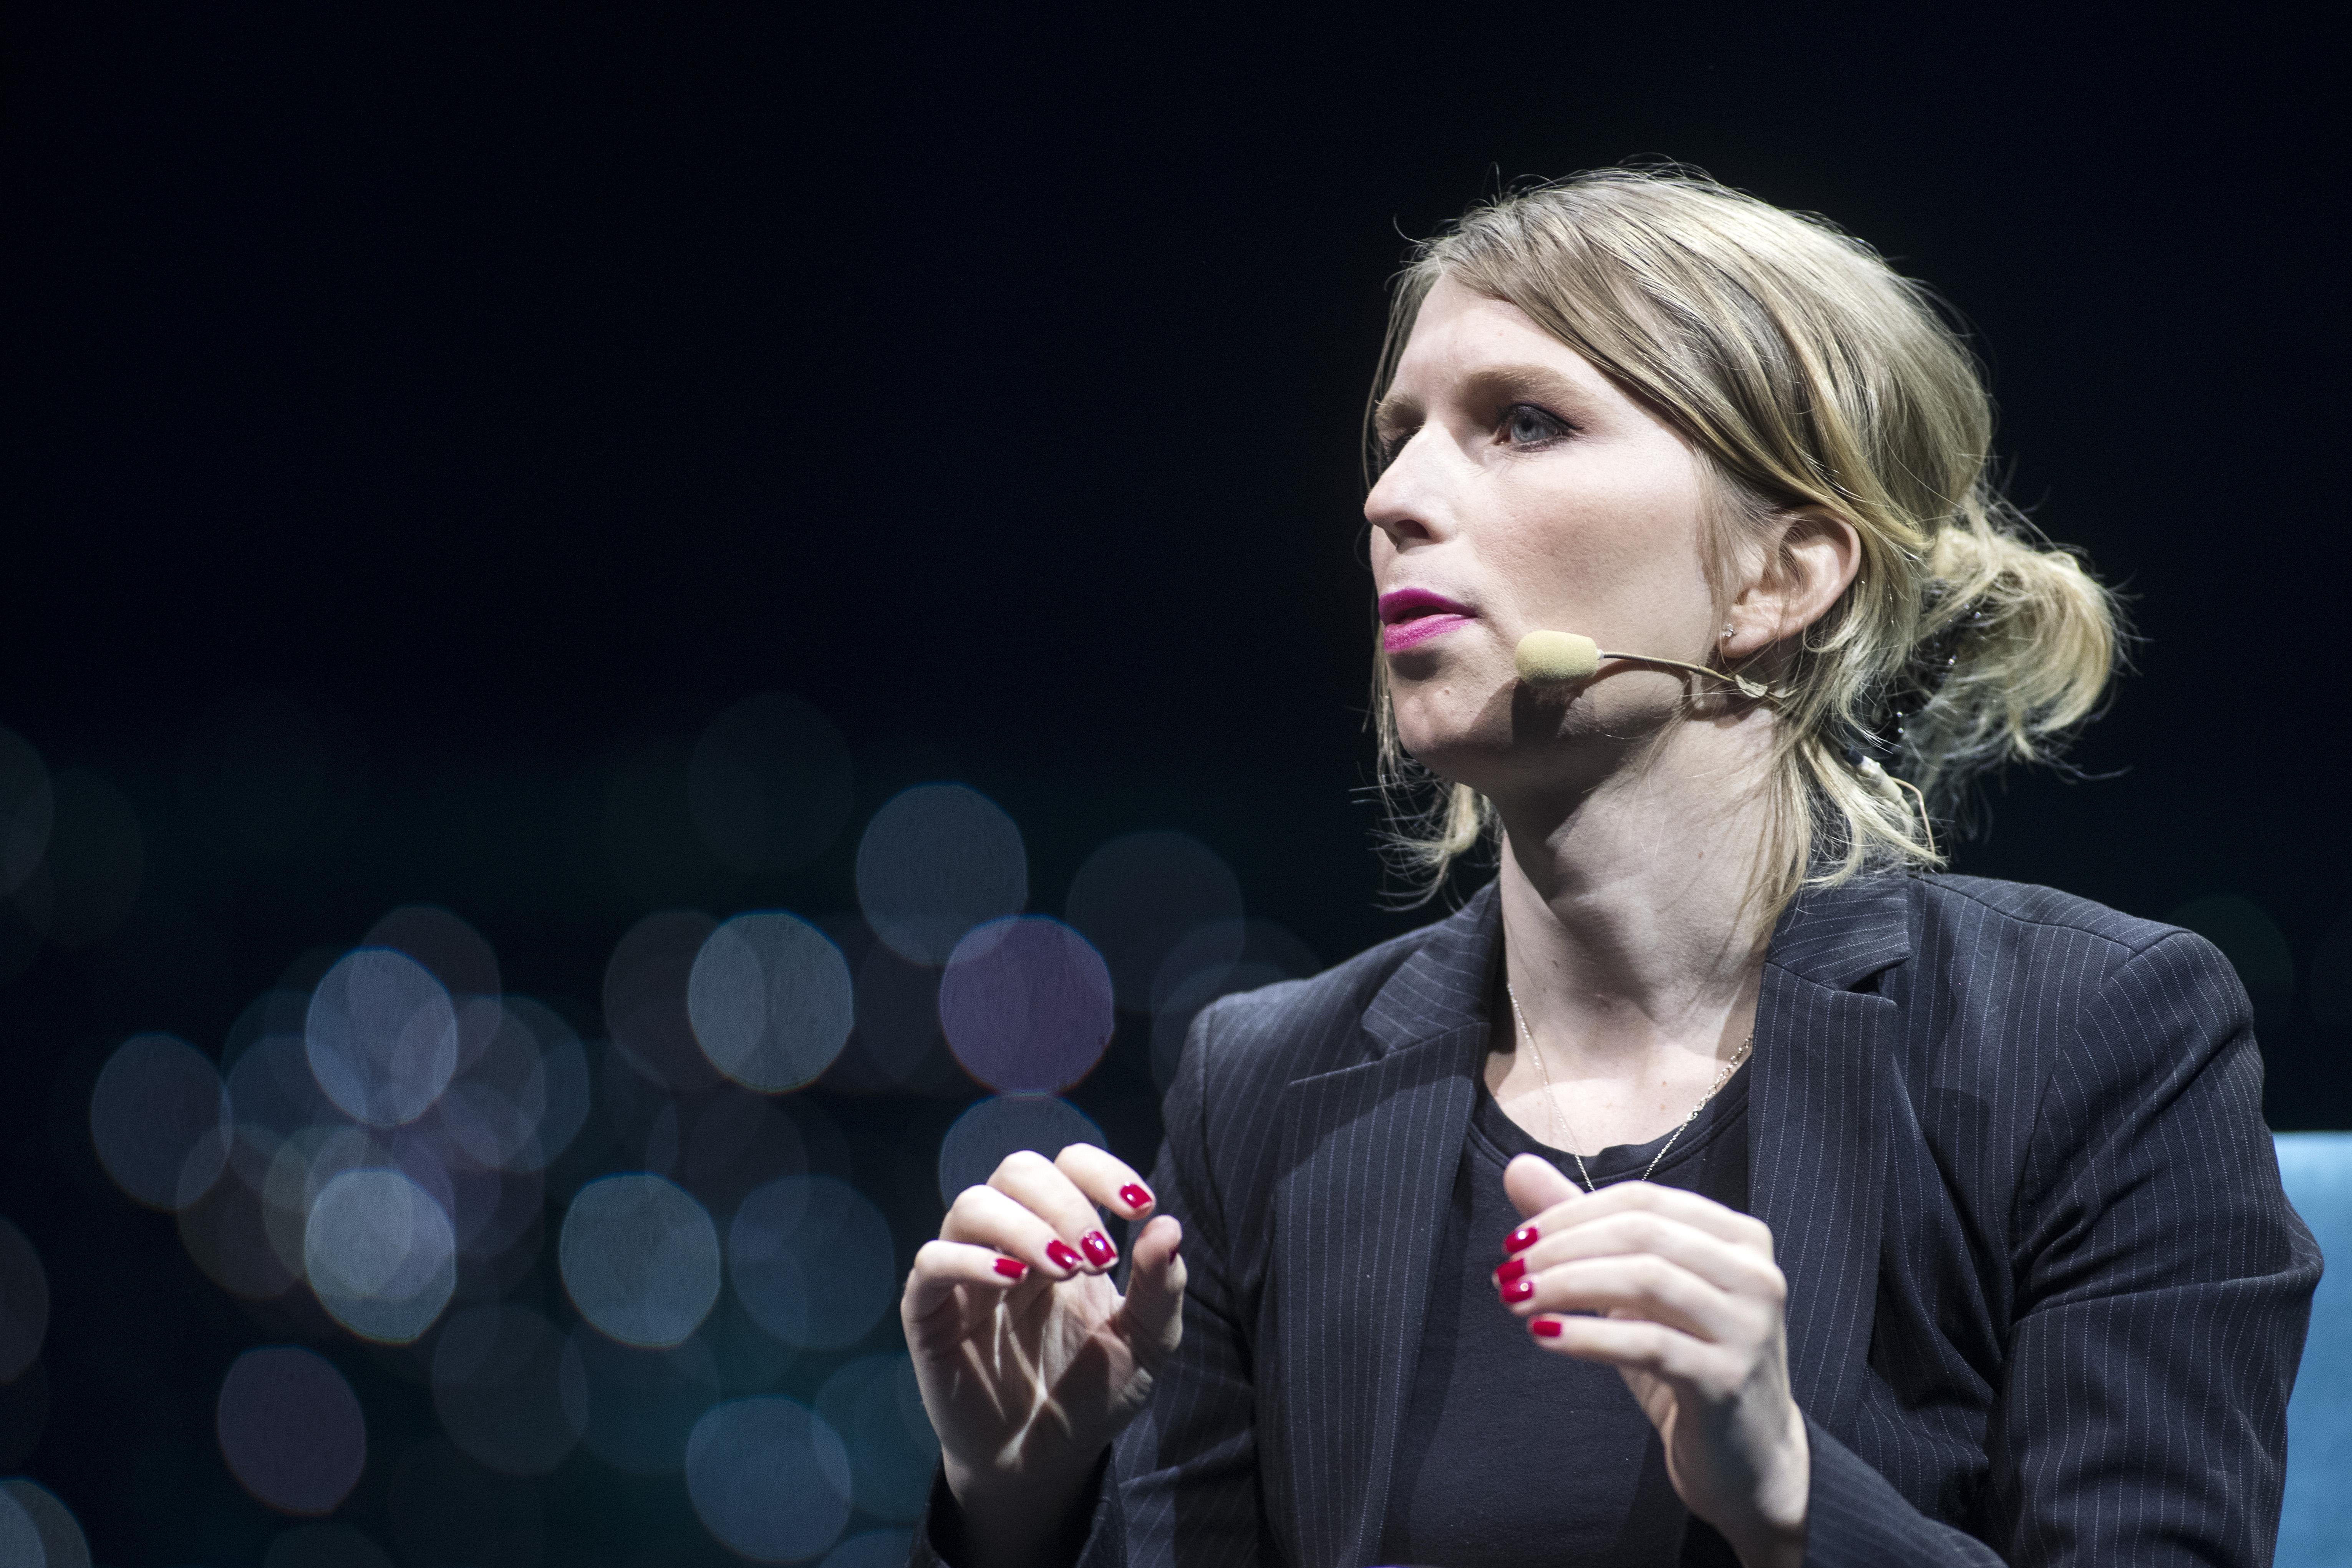 Chelsea Manninget kiengedték a börtönből